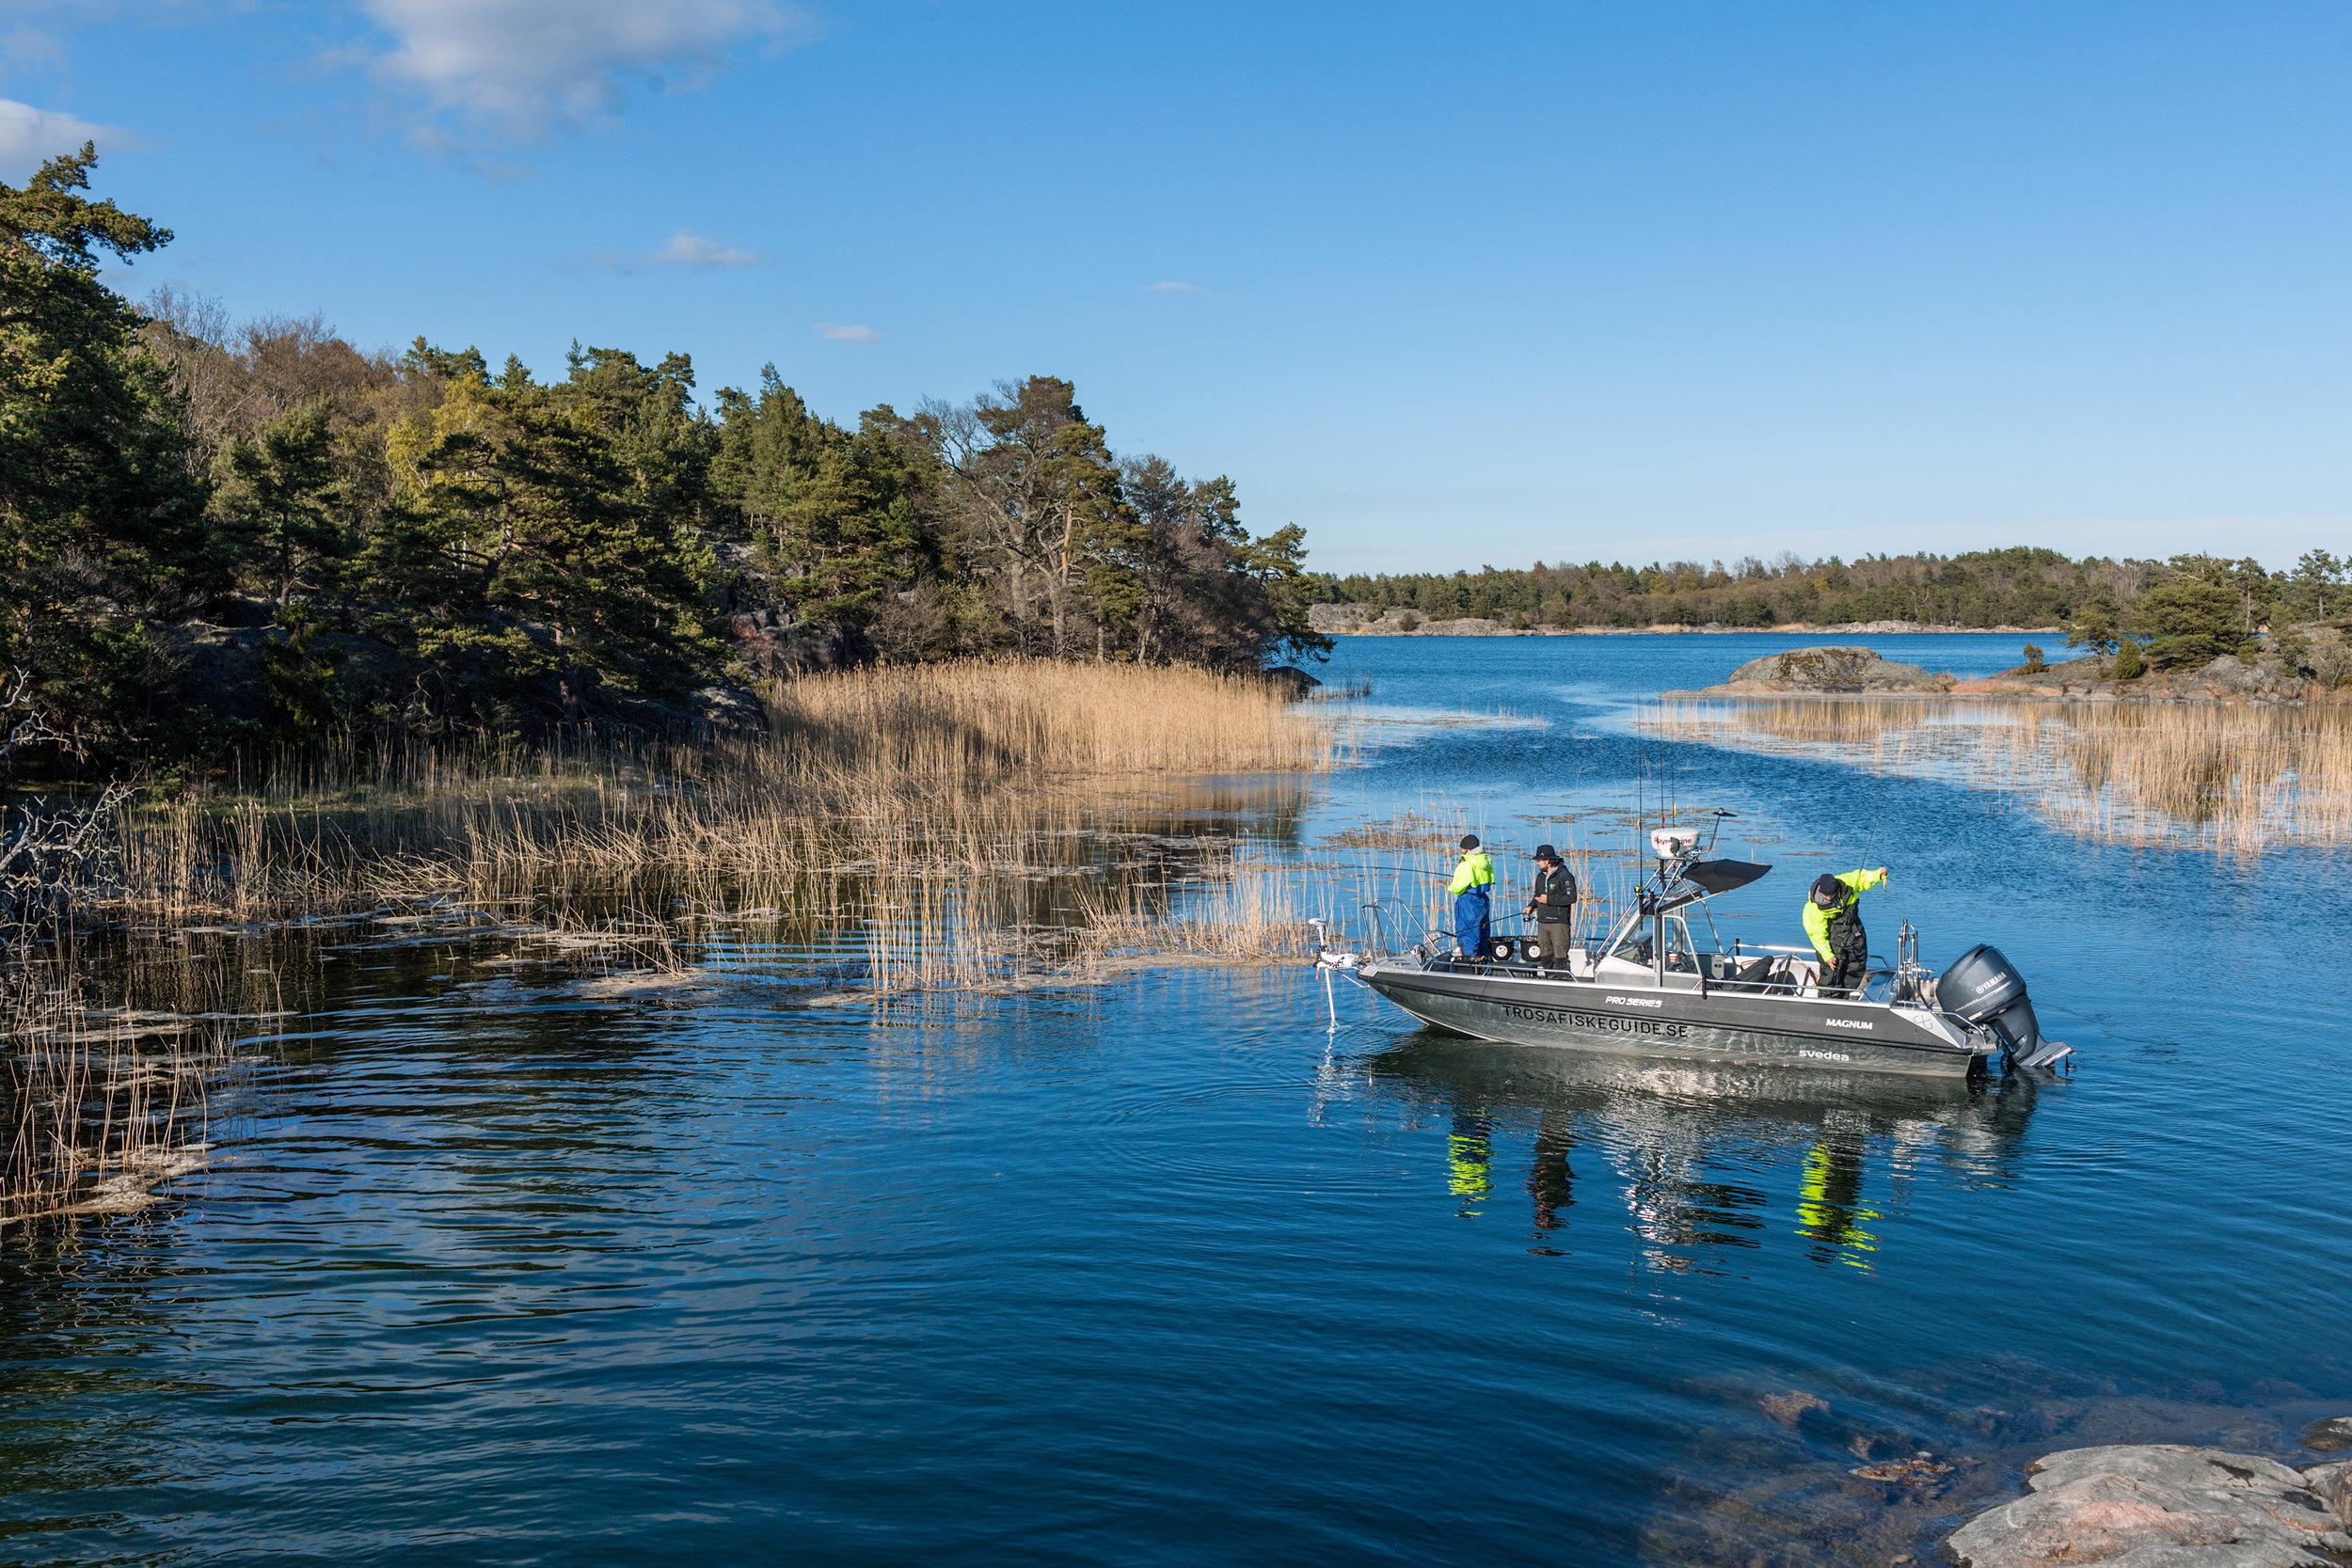 trosafiskeguide_stockholm_archipelago_bustermagnum.jpg